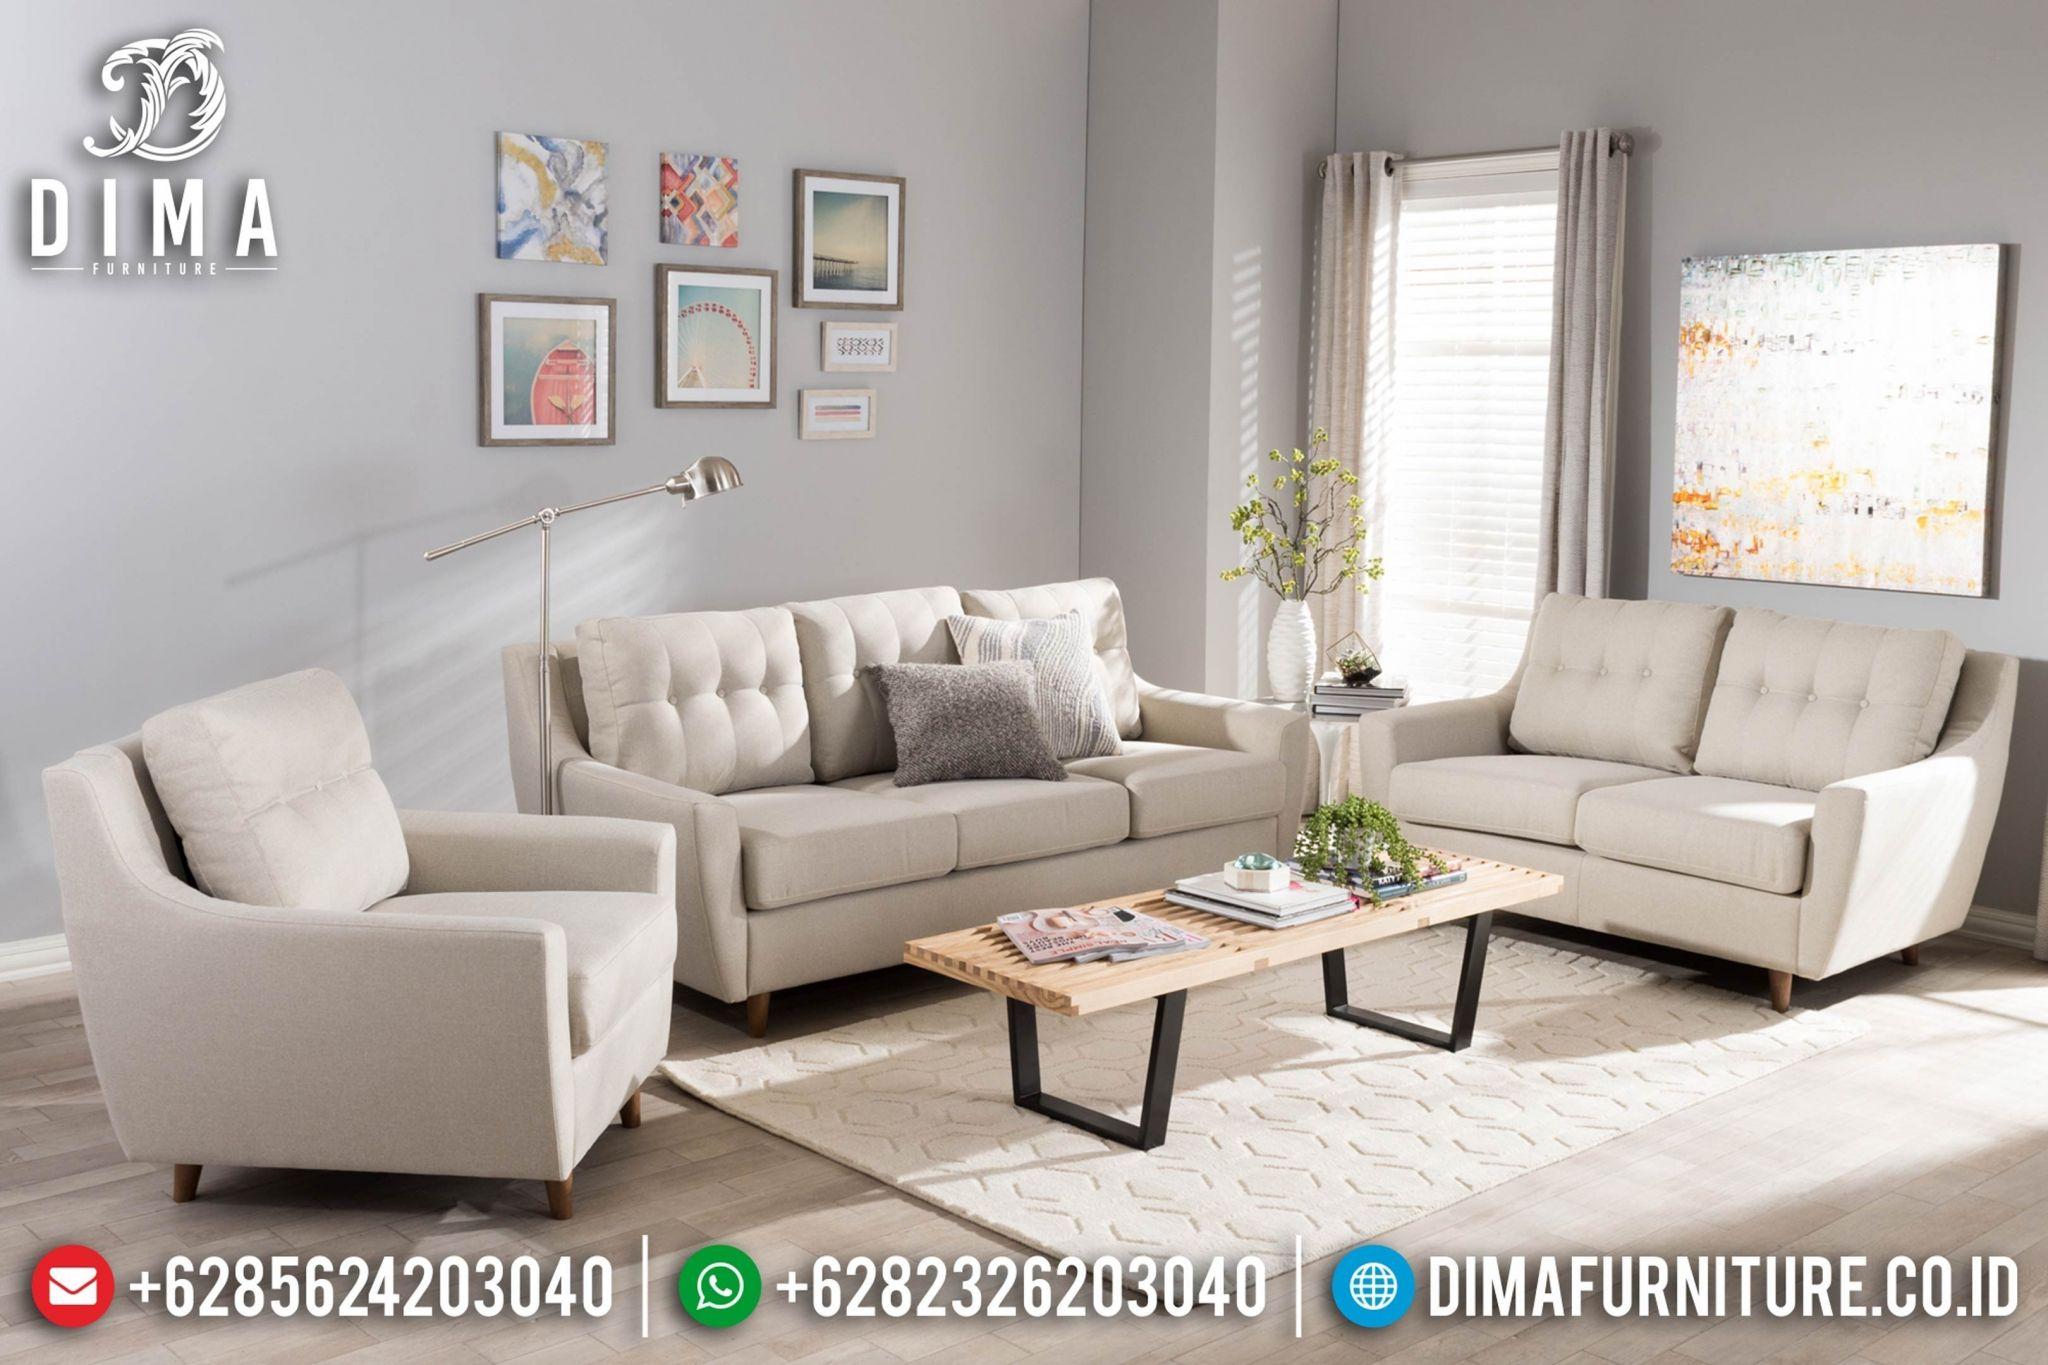 Wallpaper Ruang Tamu Minimalis Mewah Gambar Furniture - Sofa Minimalis Mewah - HD Wallpaper